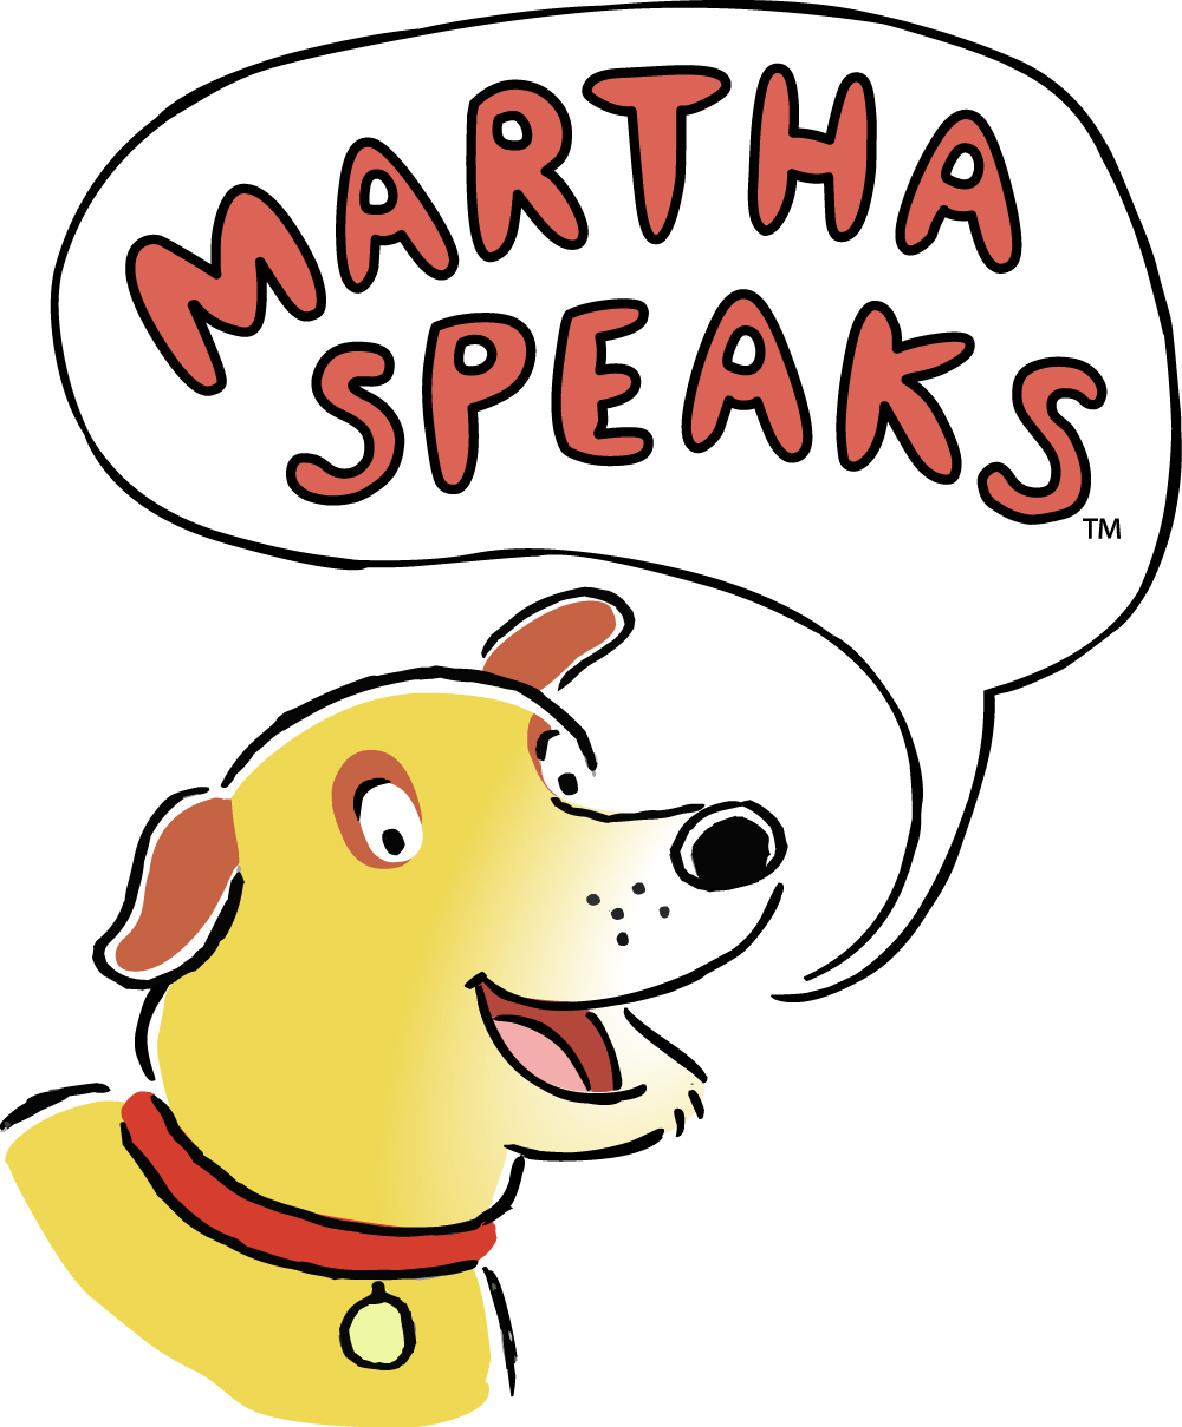 martha_speaks